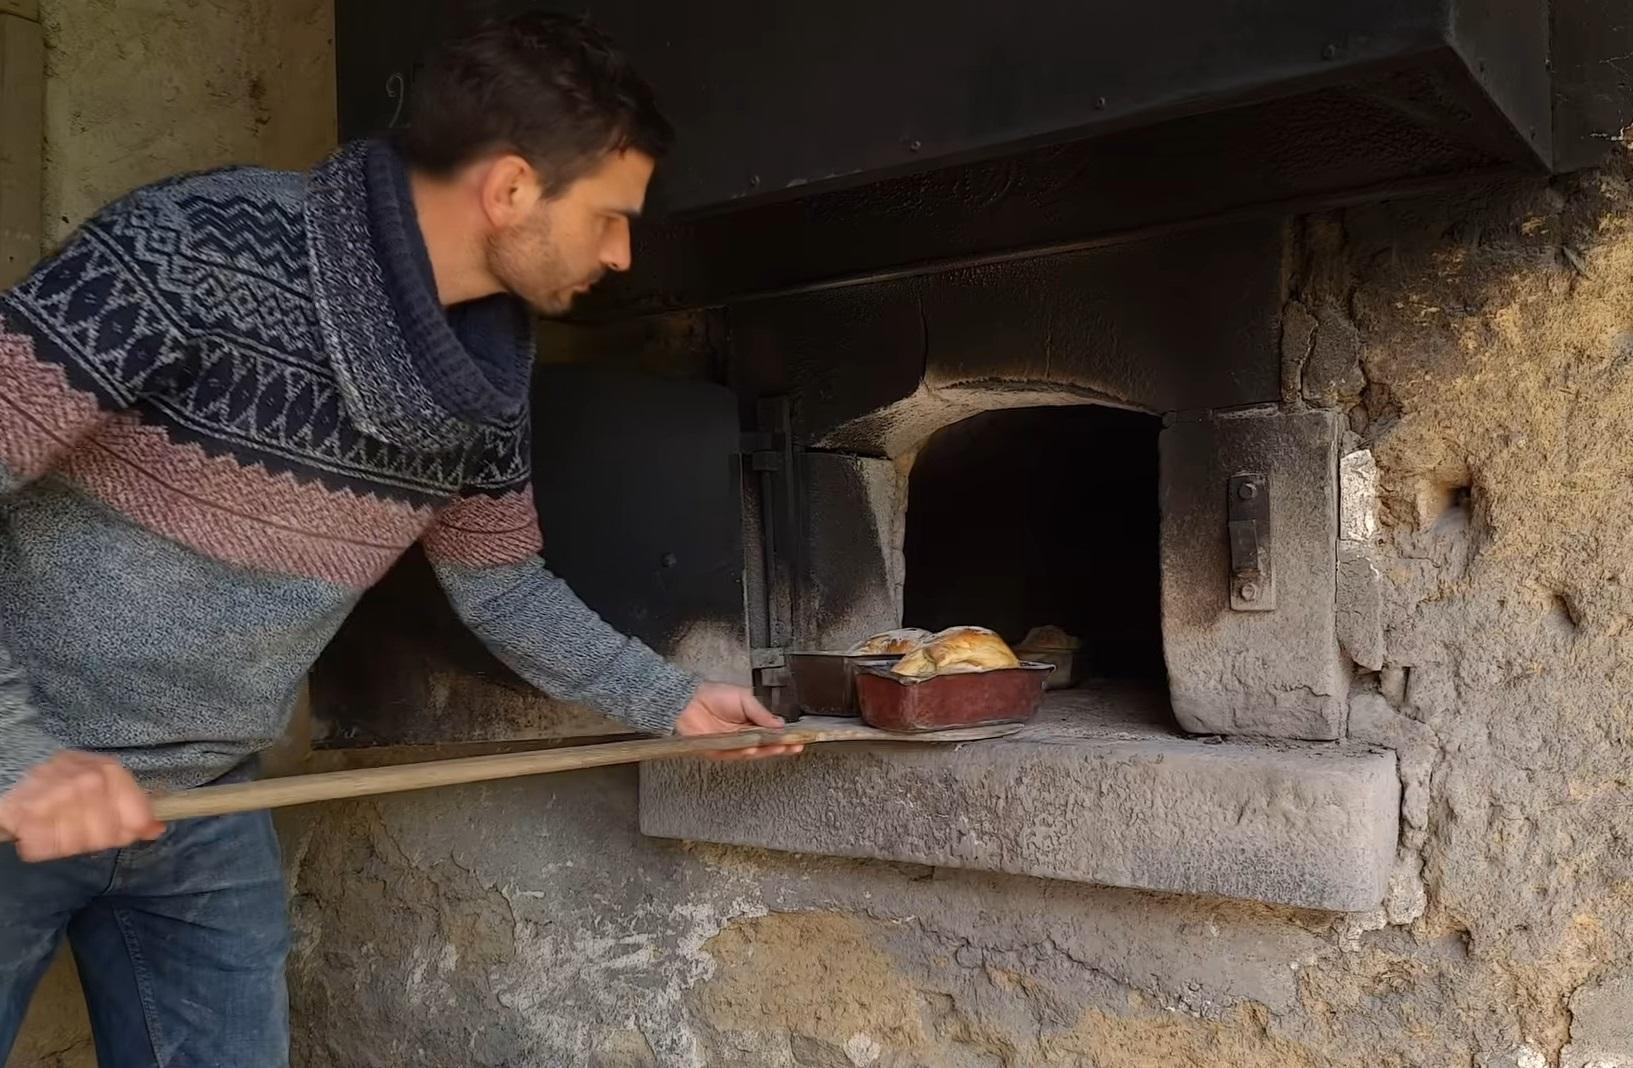 Paysan-boulanger / The farmer-baker